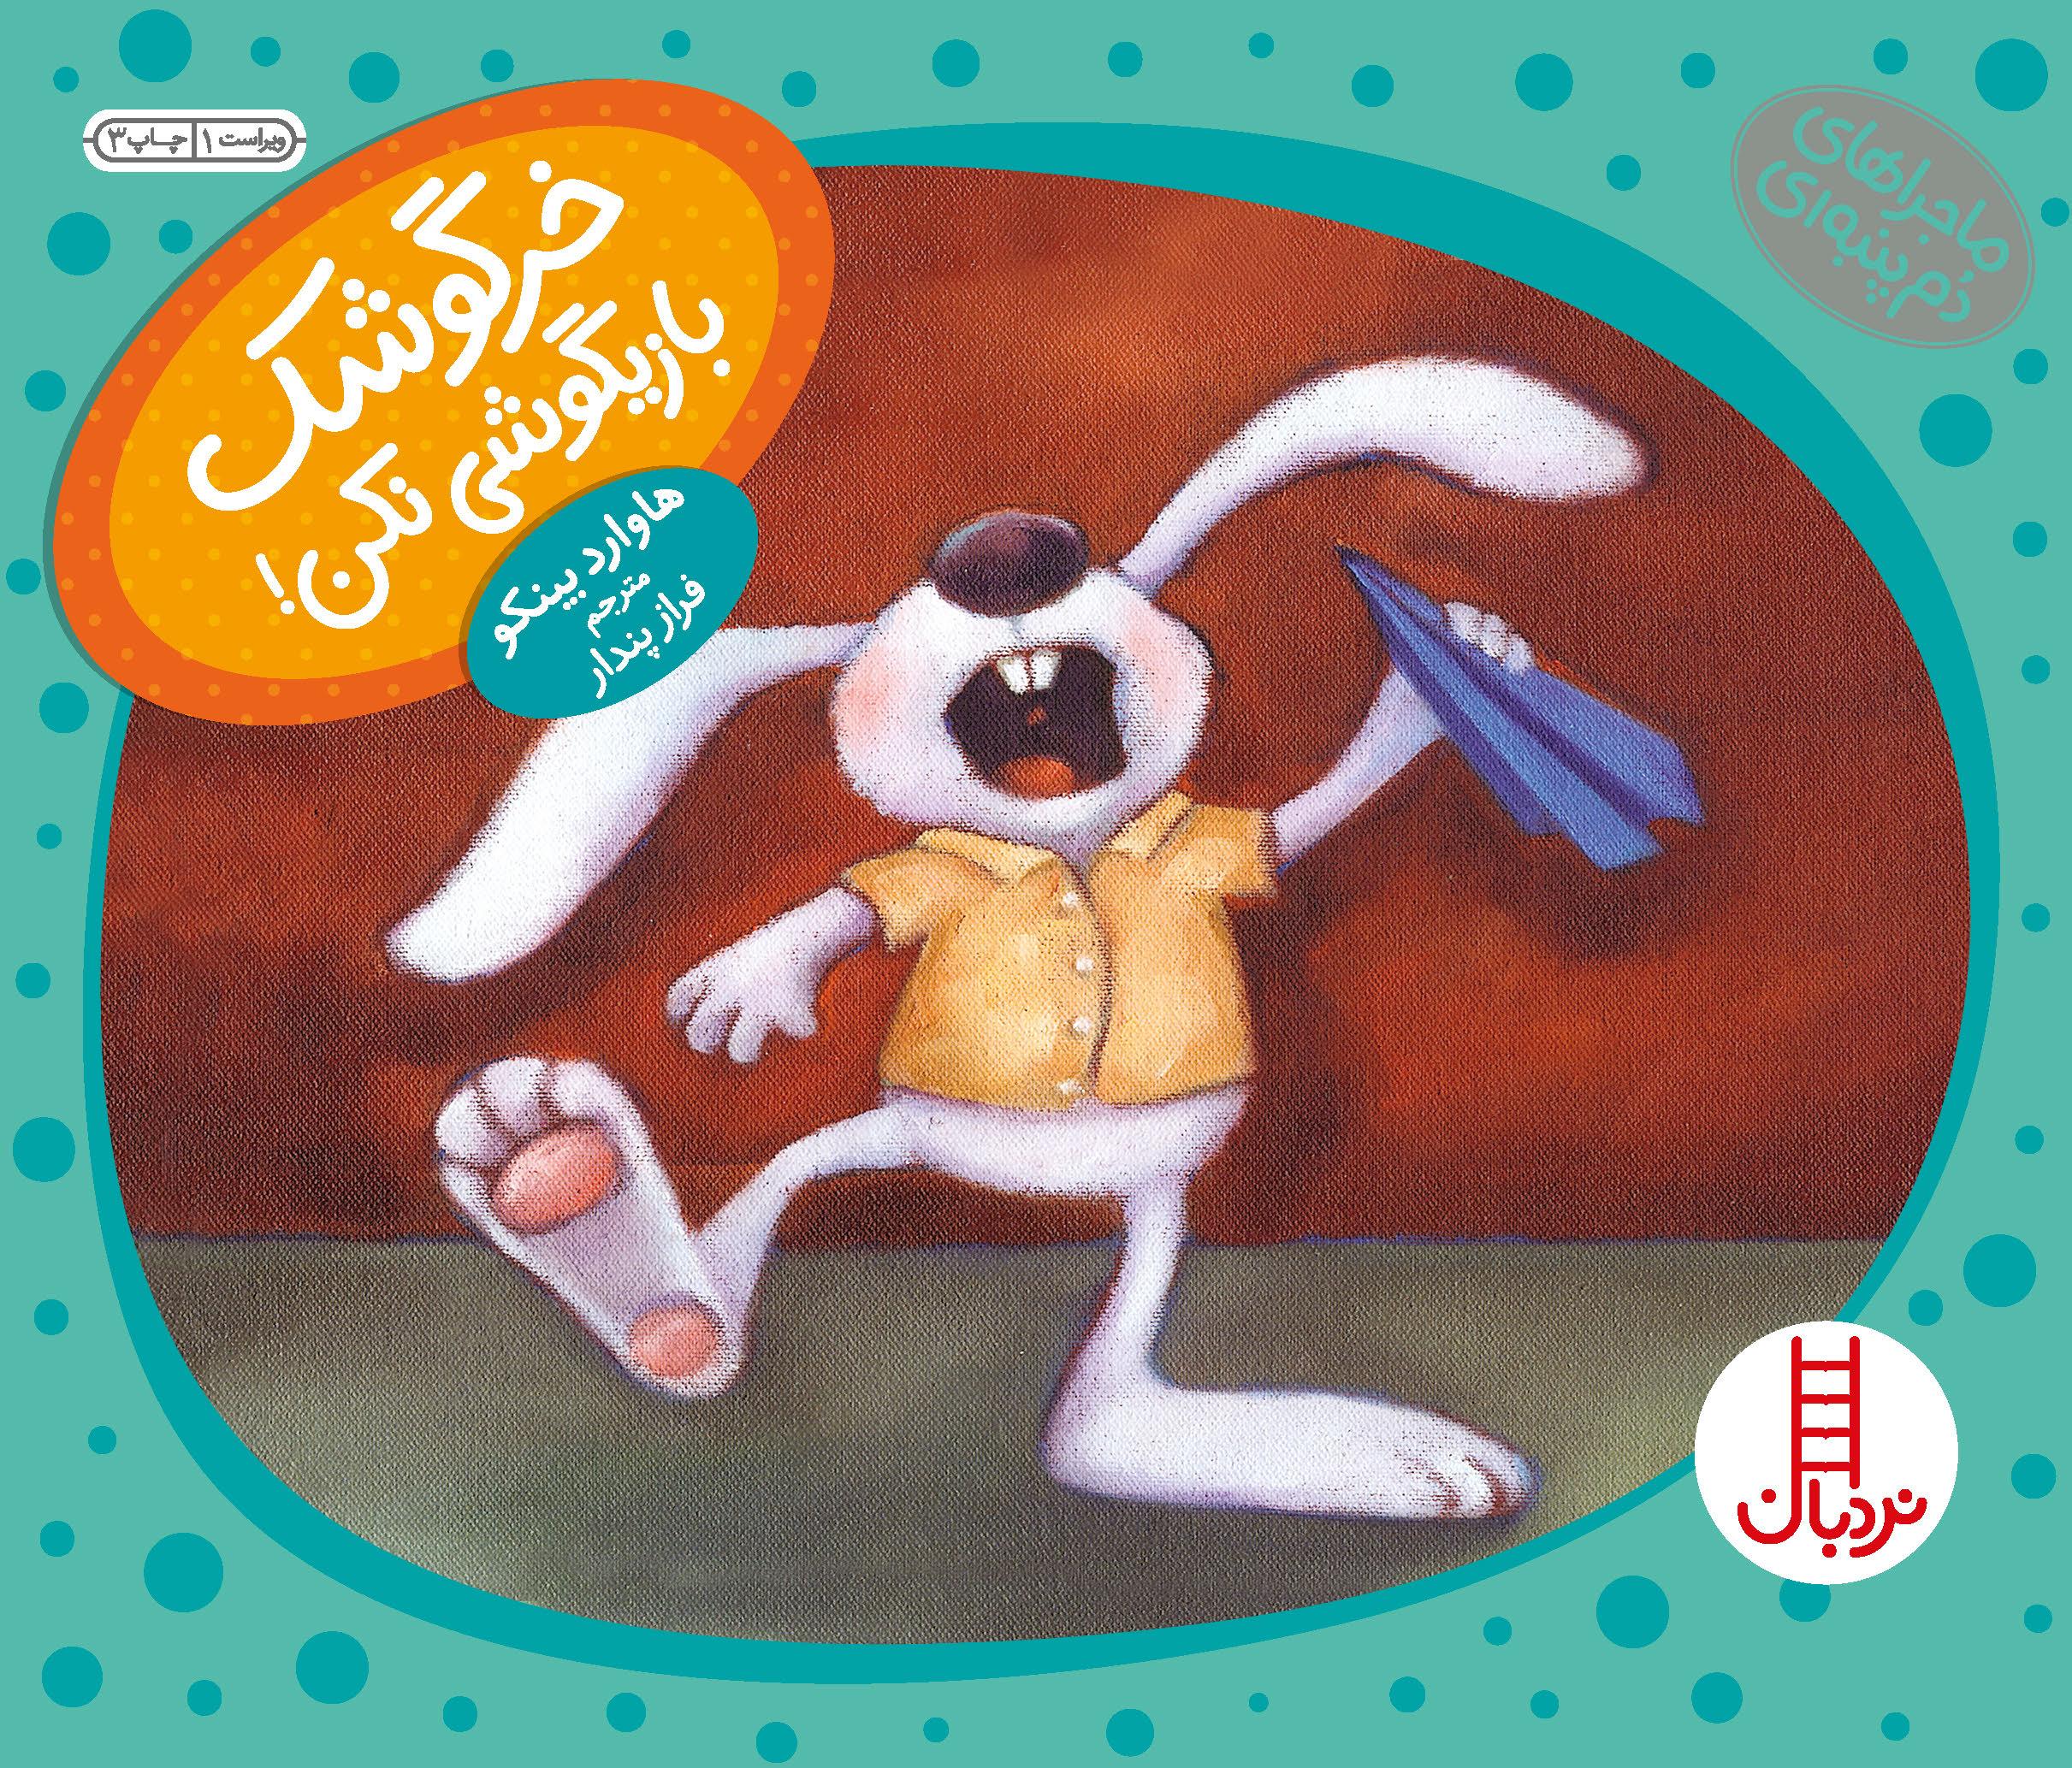 خرگوشک بازیگوشی نکن!